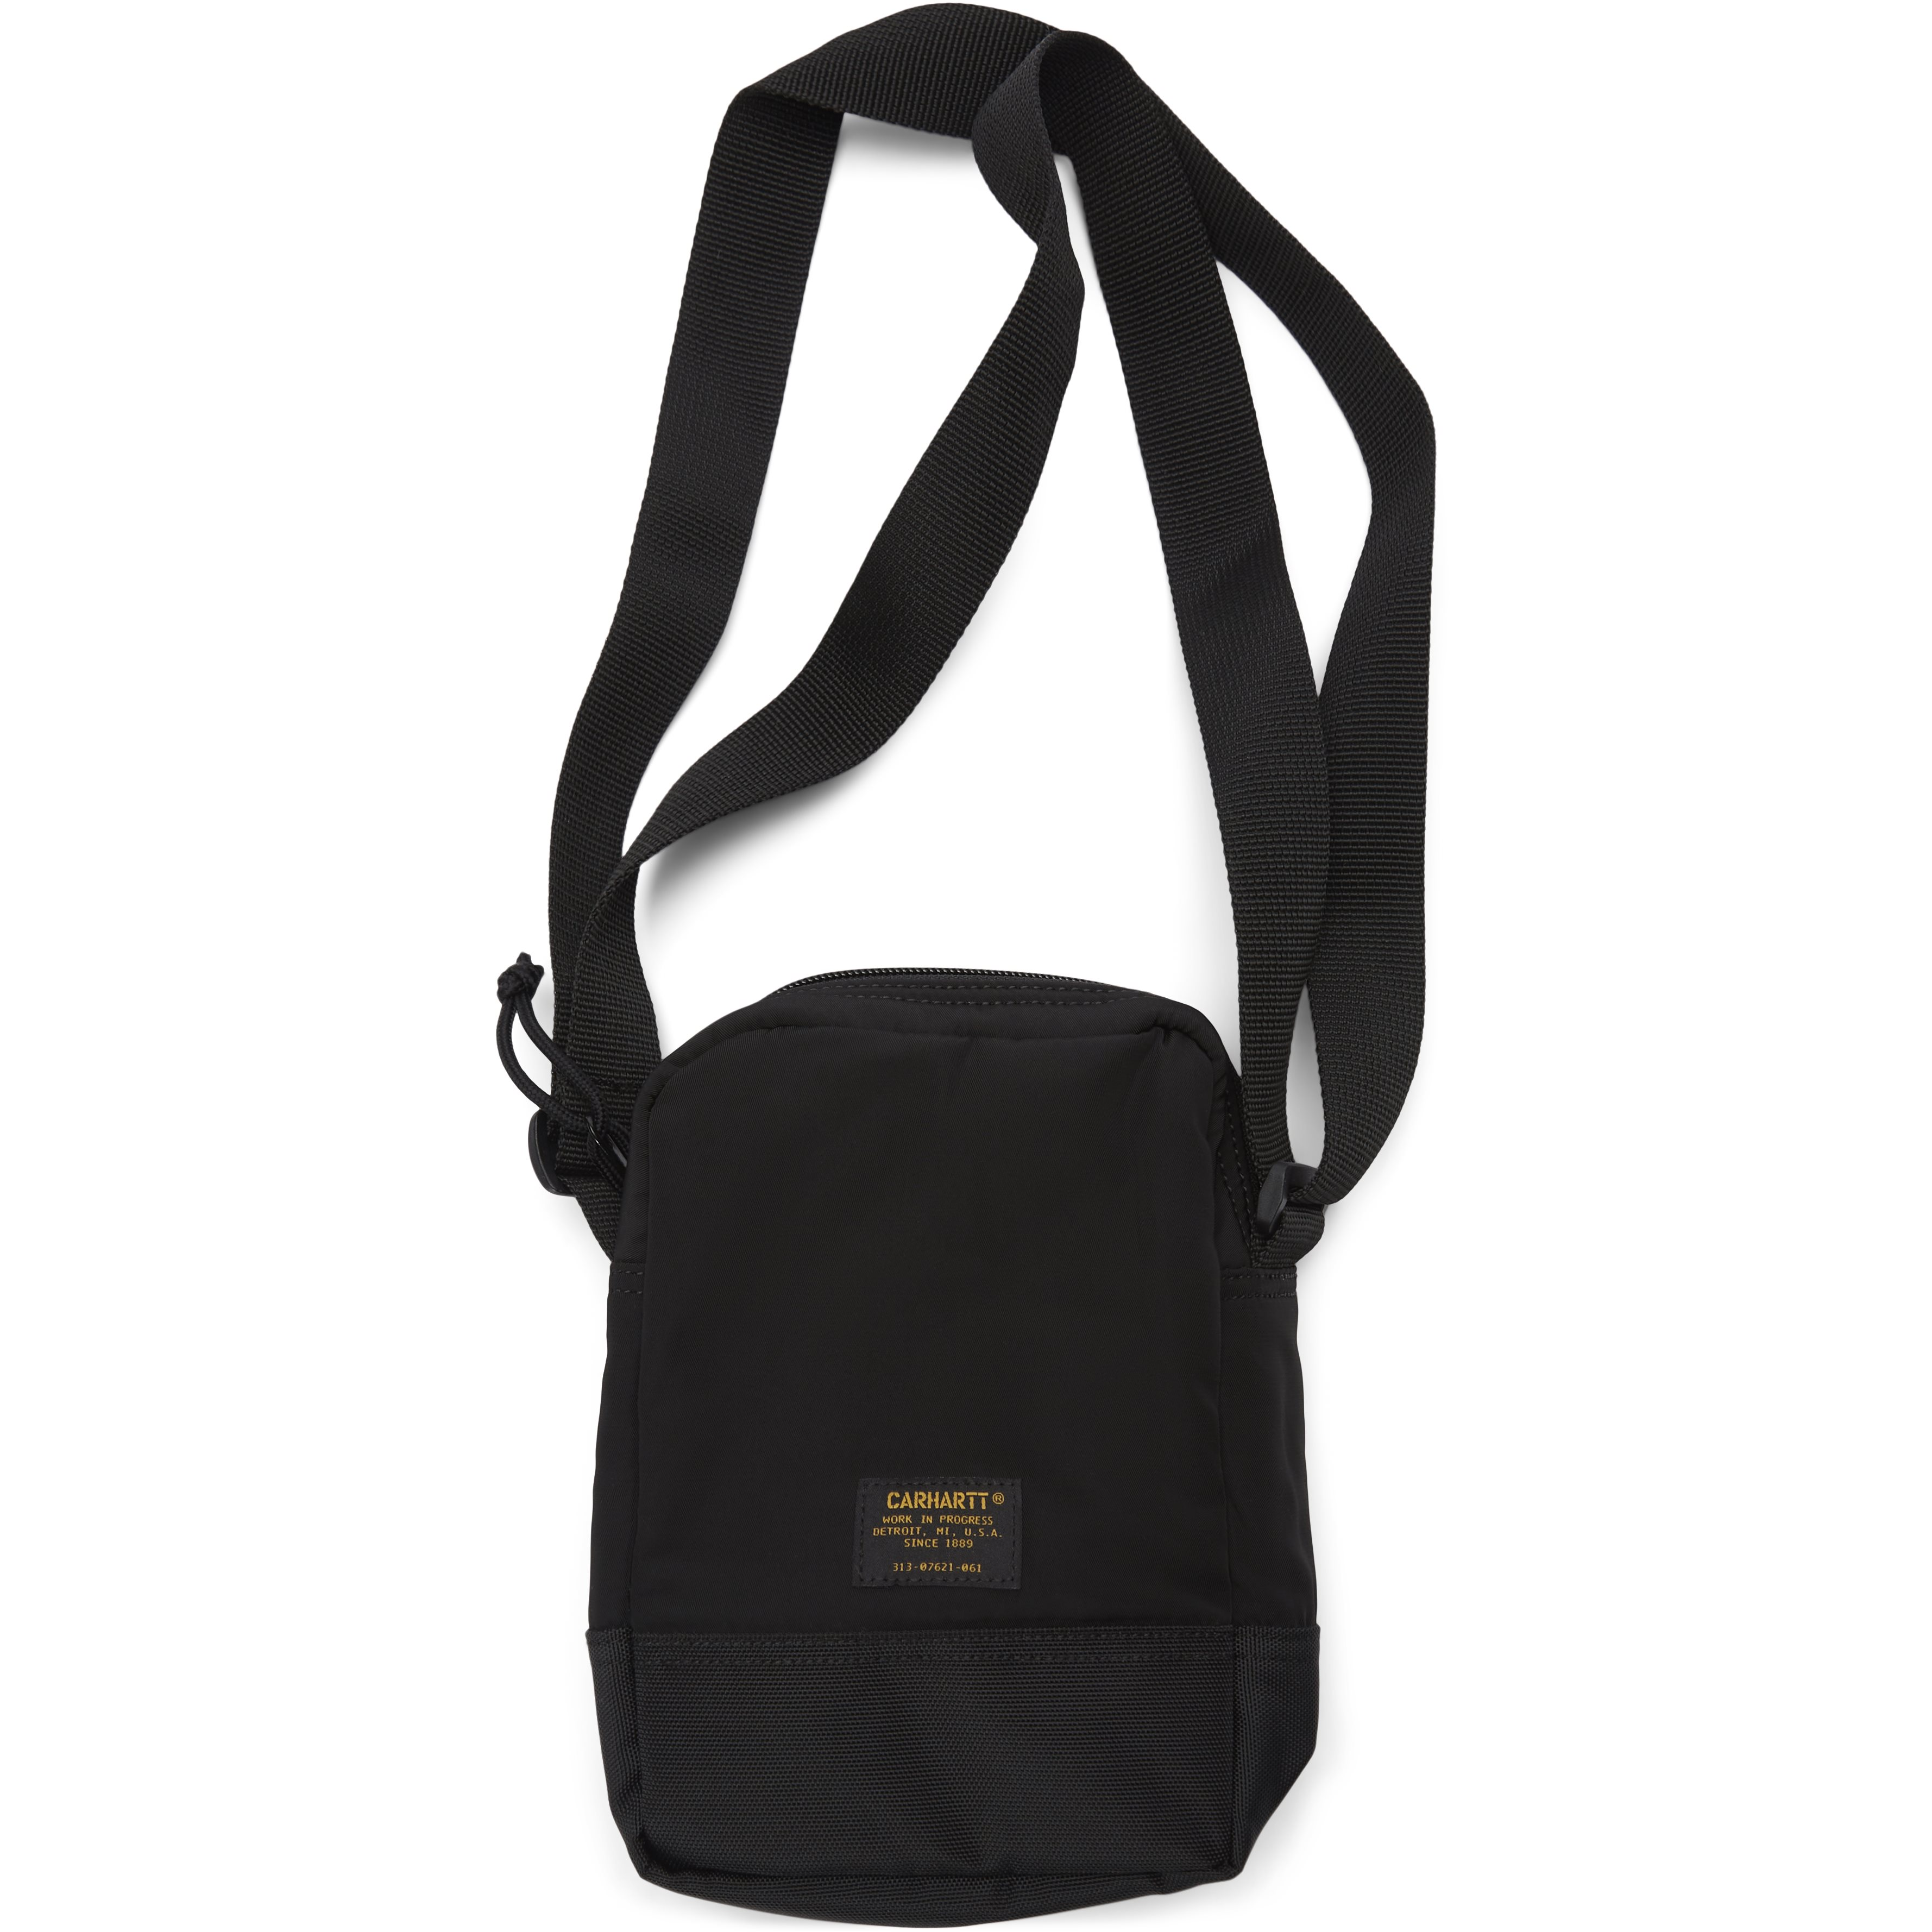 Military Shoulder Bag - Tasker - Sort